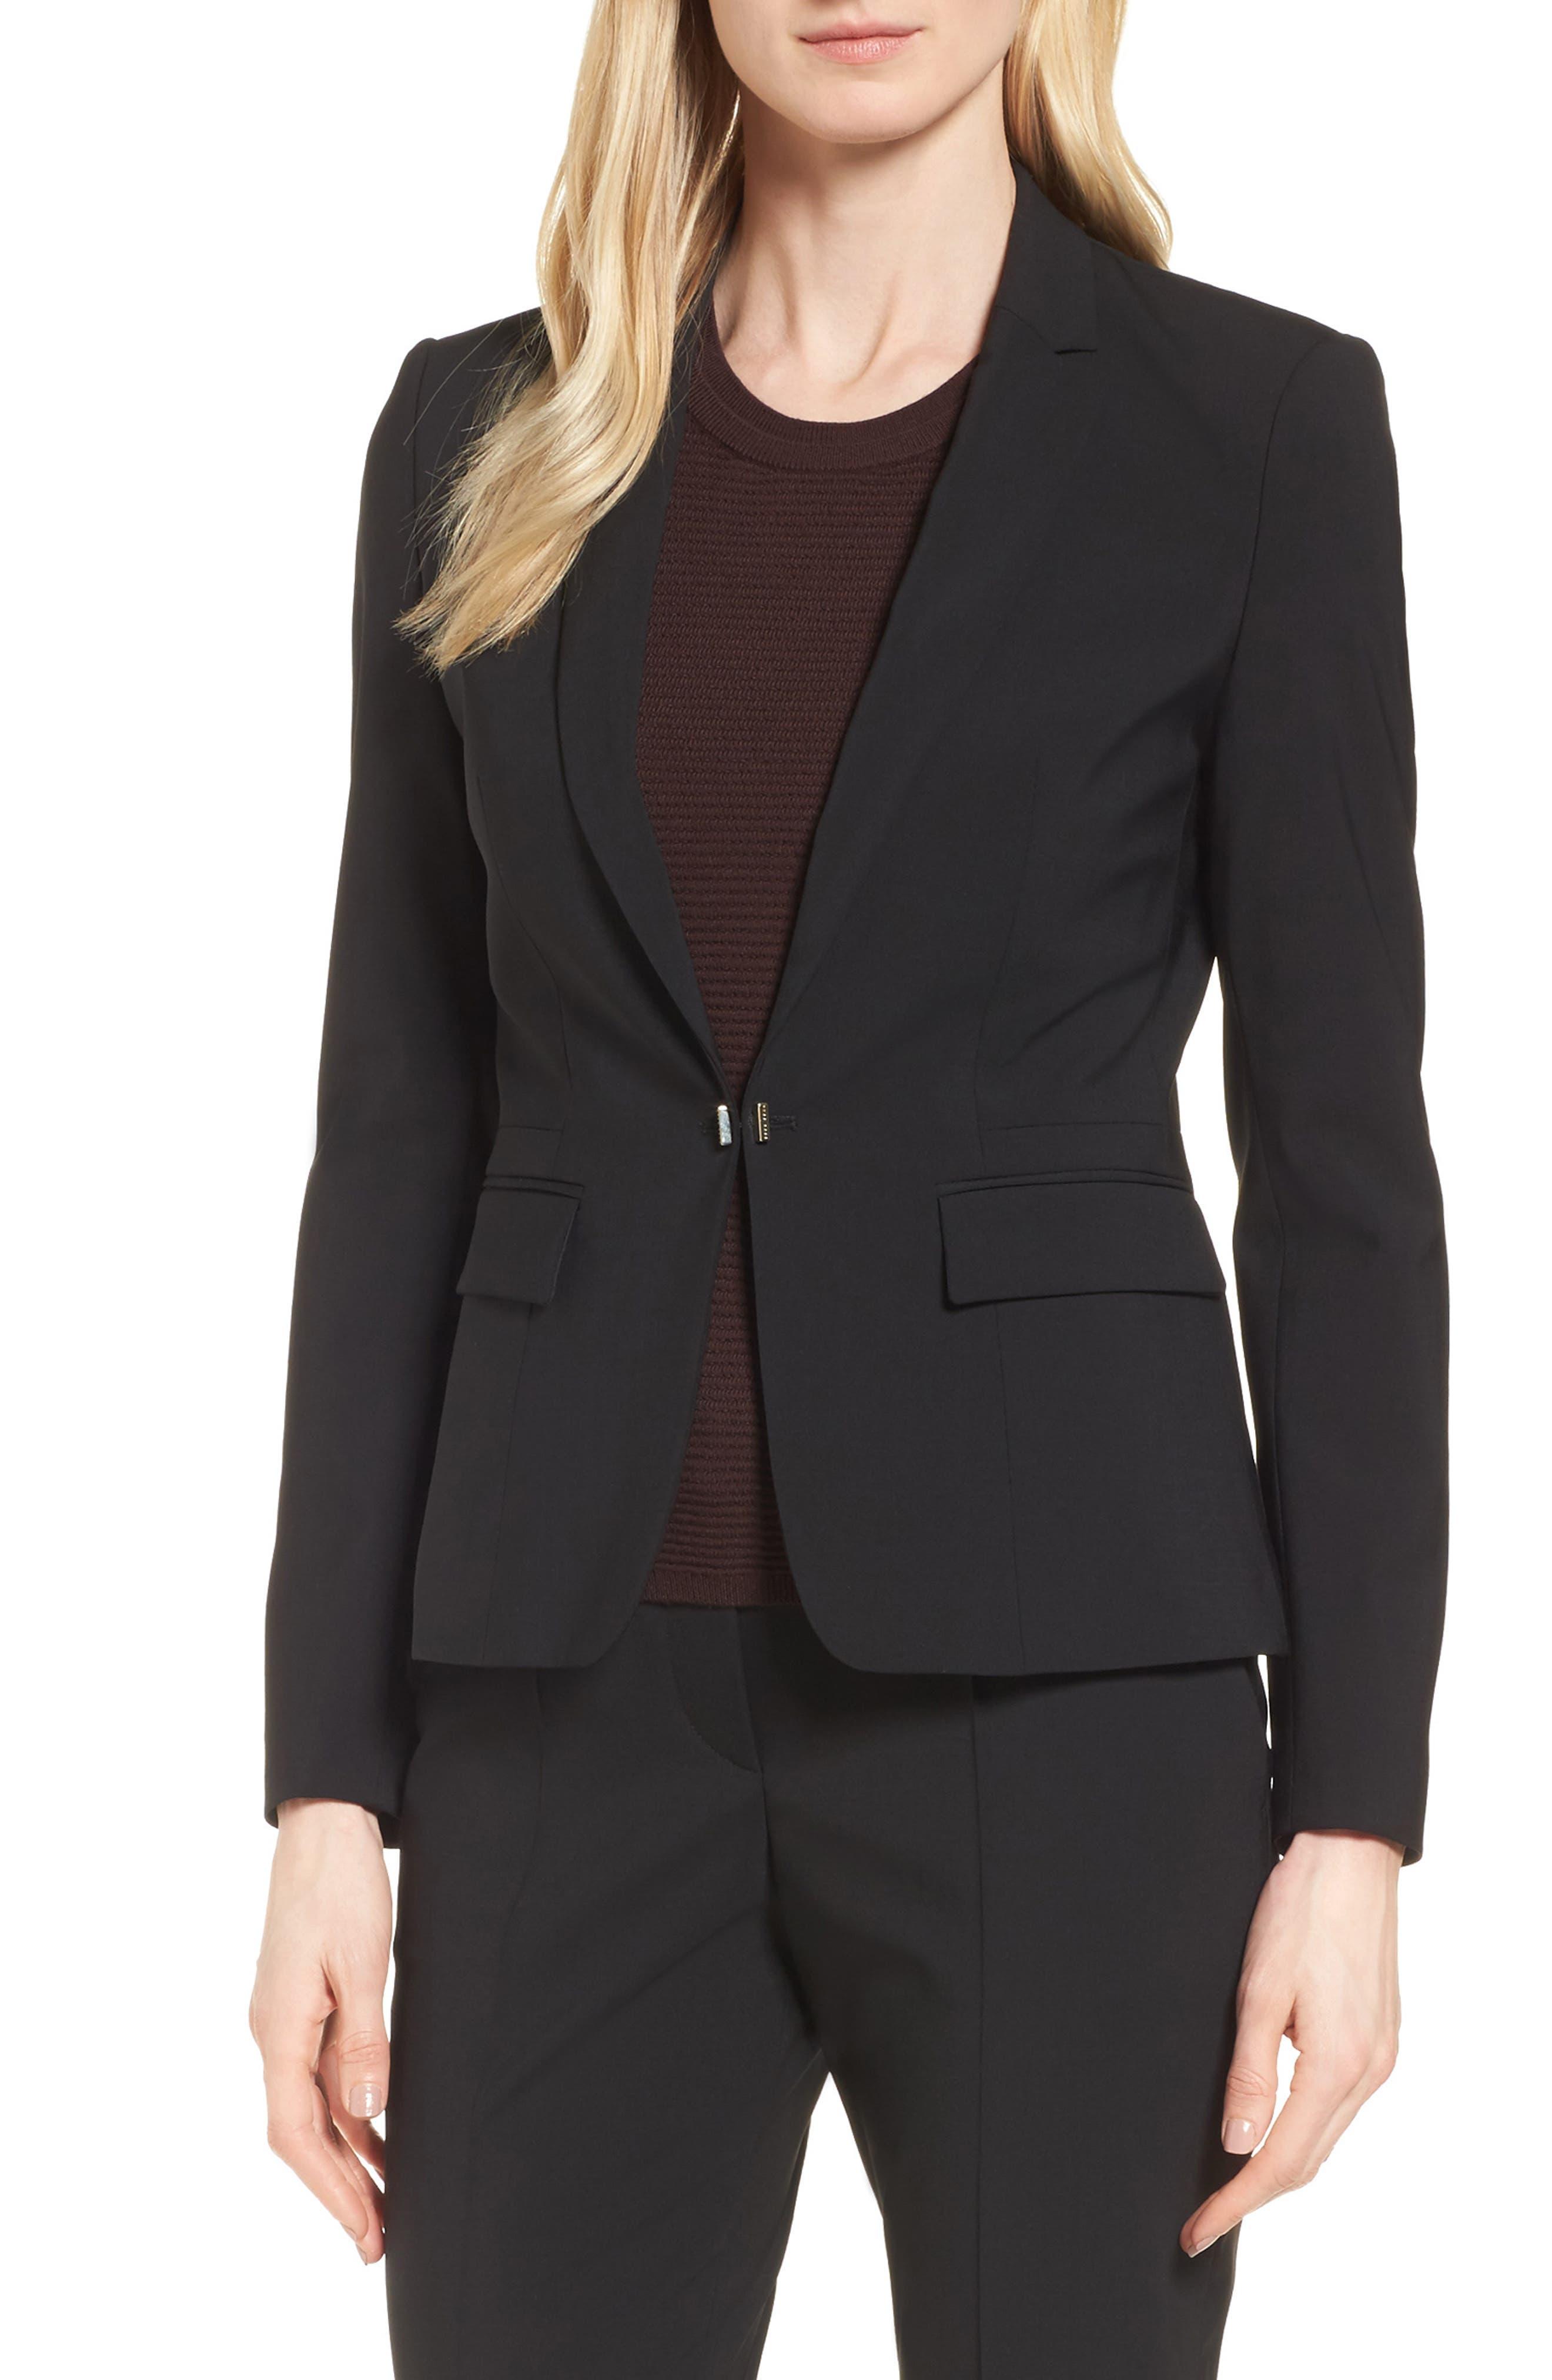 BOSS Jaflink Stretch Wool Suit Jacket